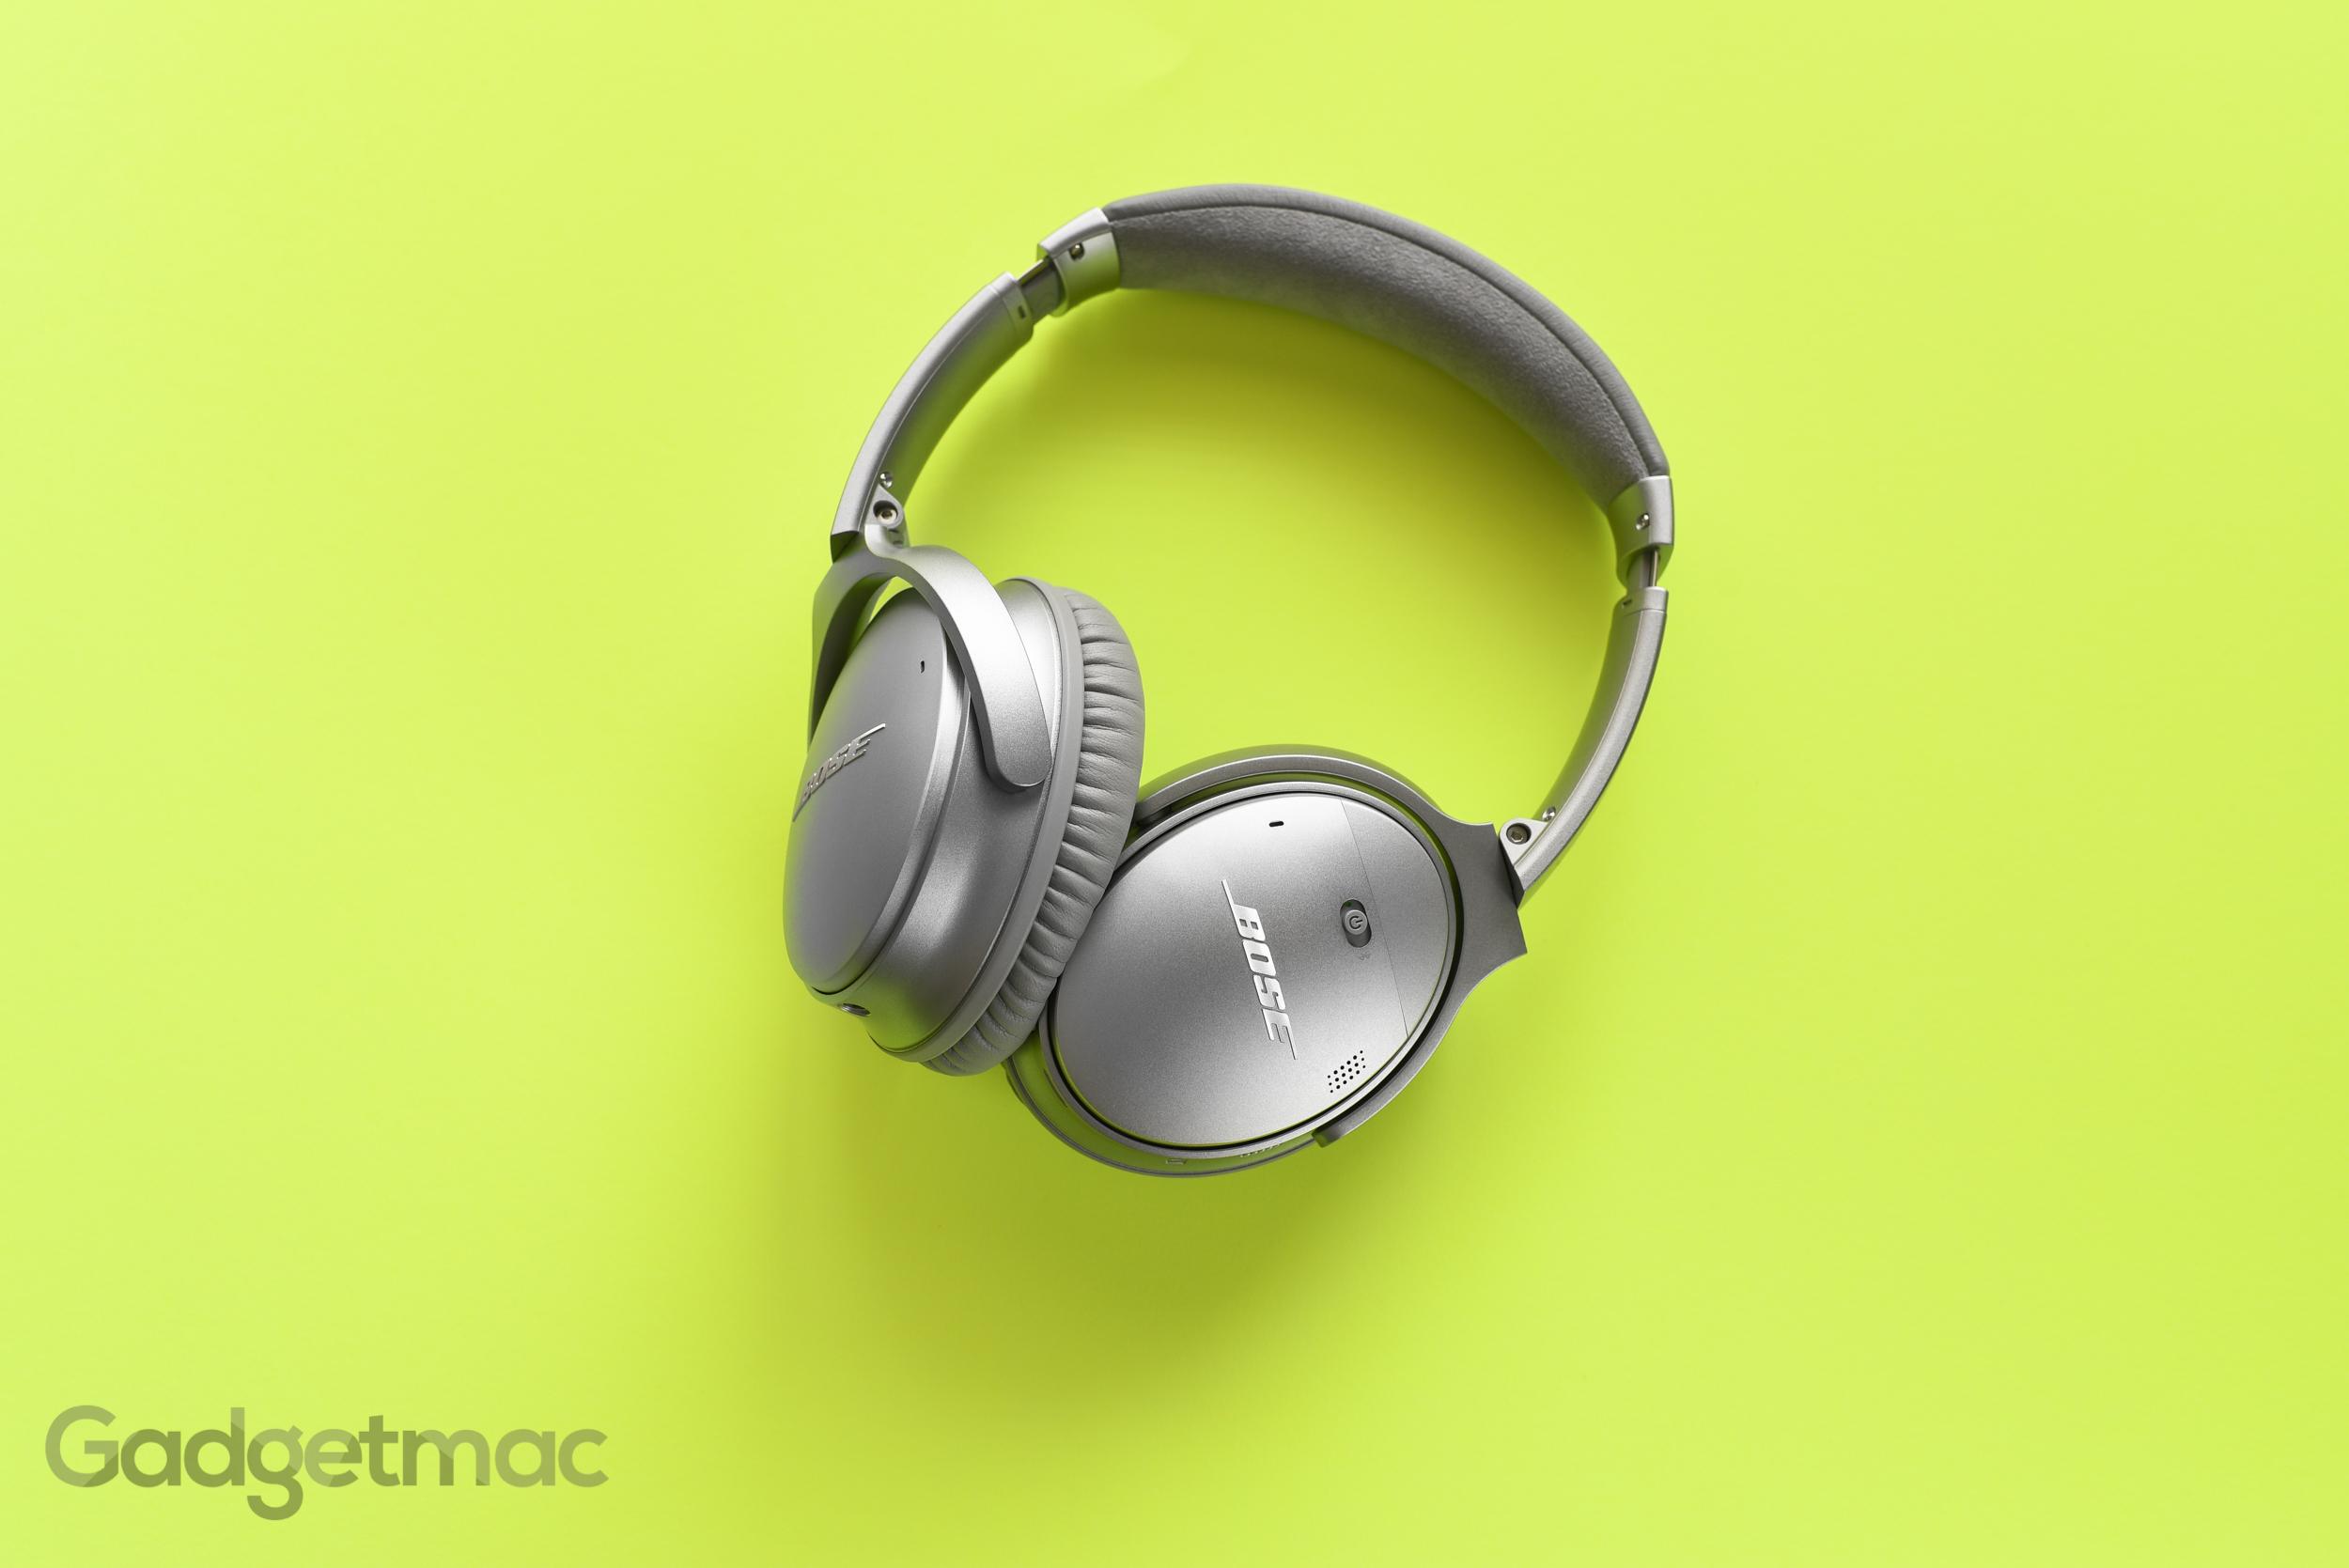 bose-quietcomfort-35-wireless-active-noise-cancelling-headphones-top.jpg